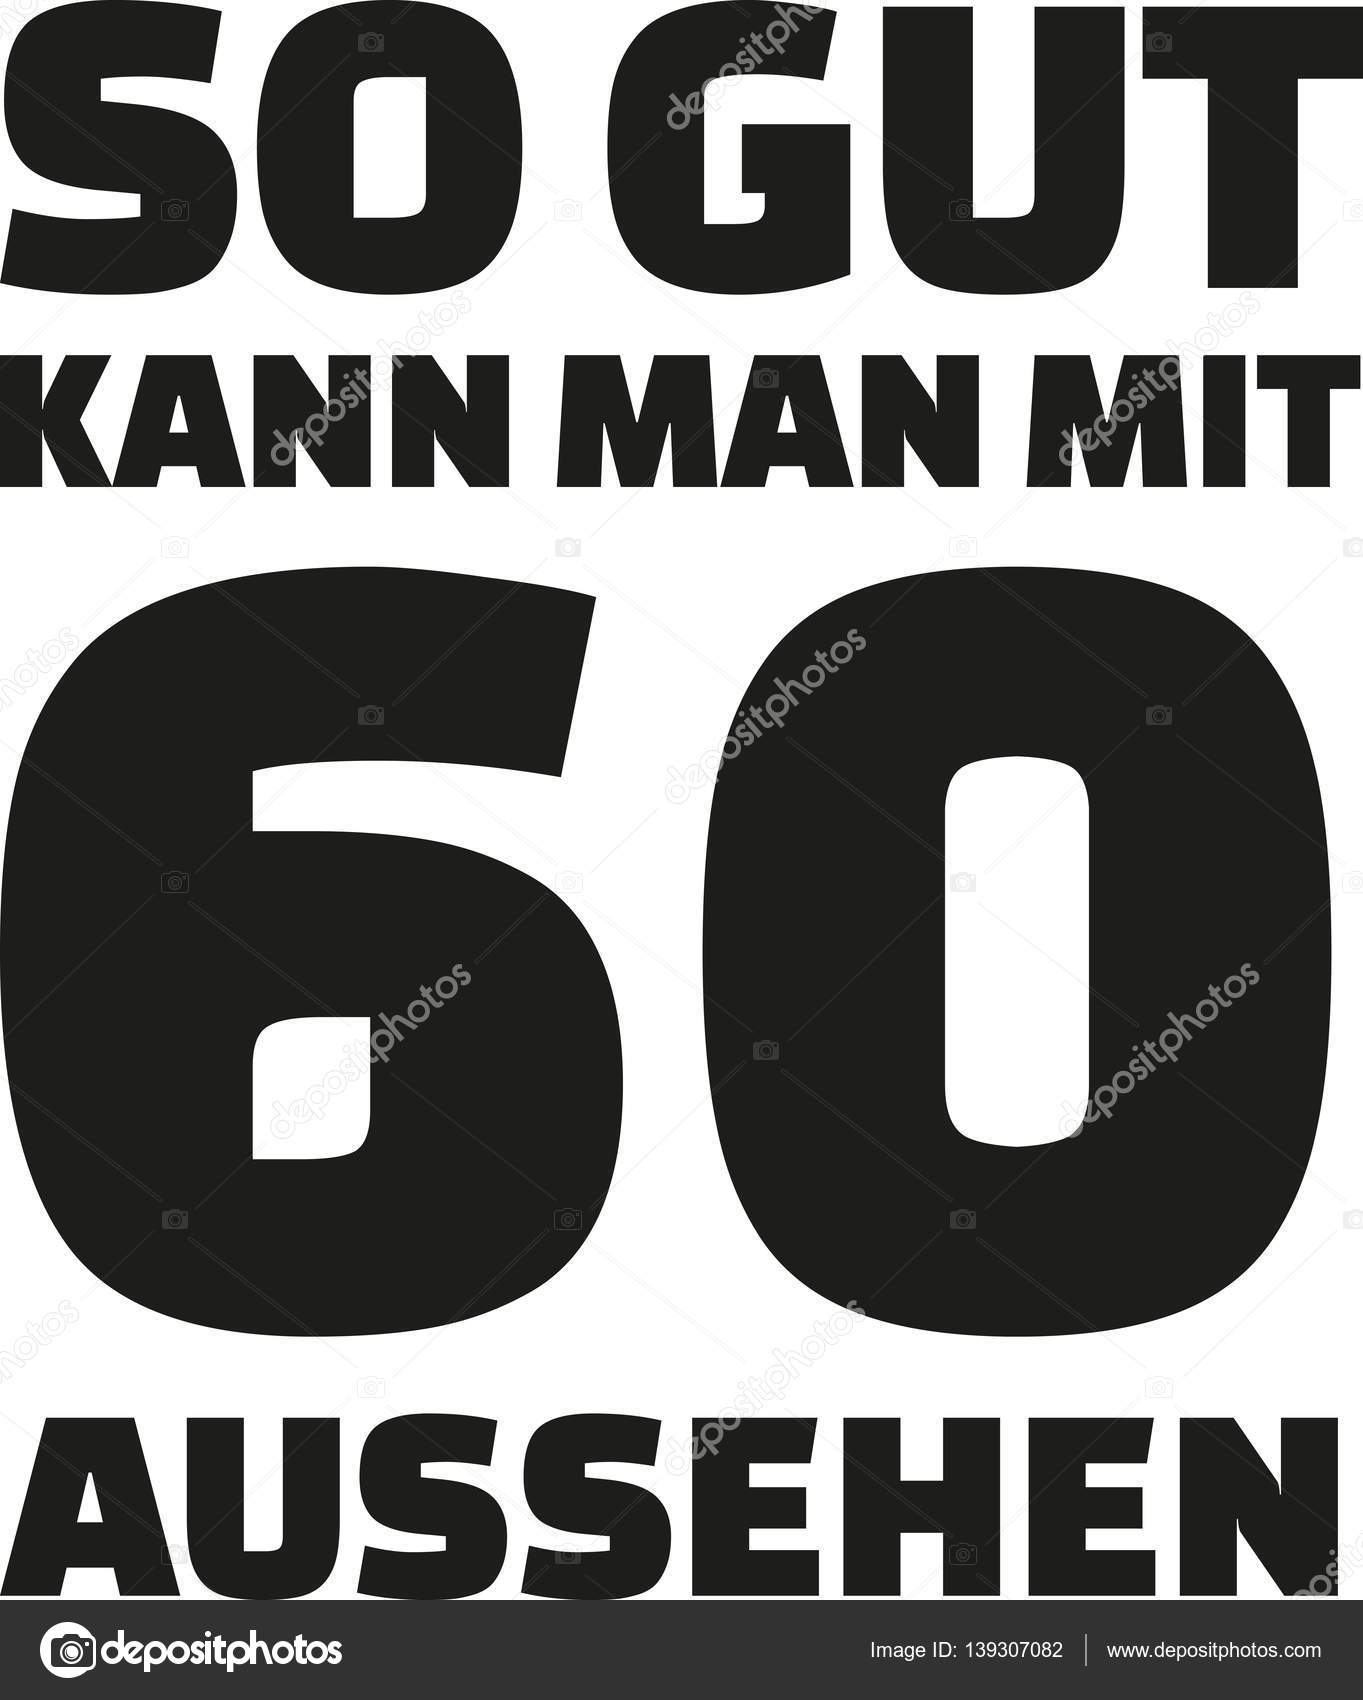 Vaak 60ste verjaardag Duits - dit is hoe goed kun je met 60 jaar #IX39